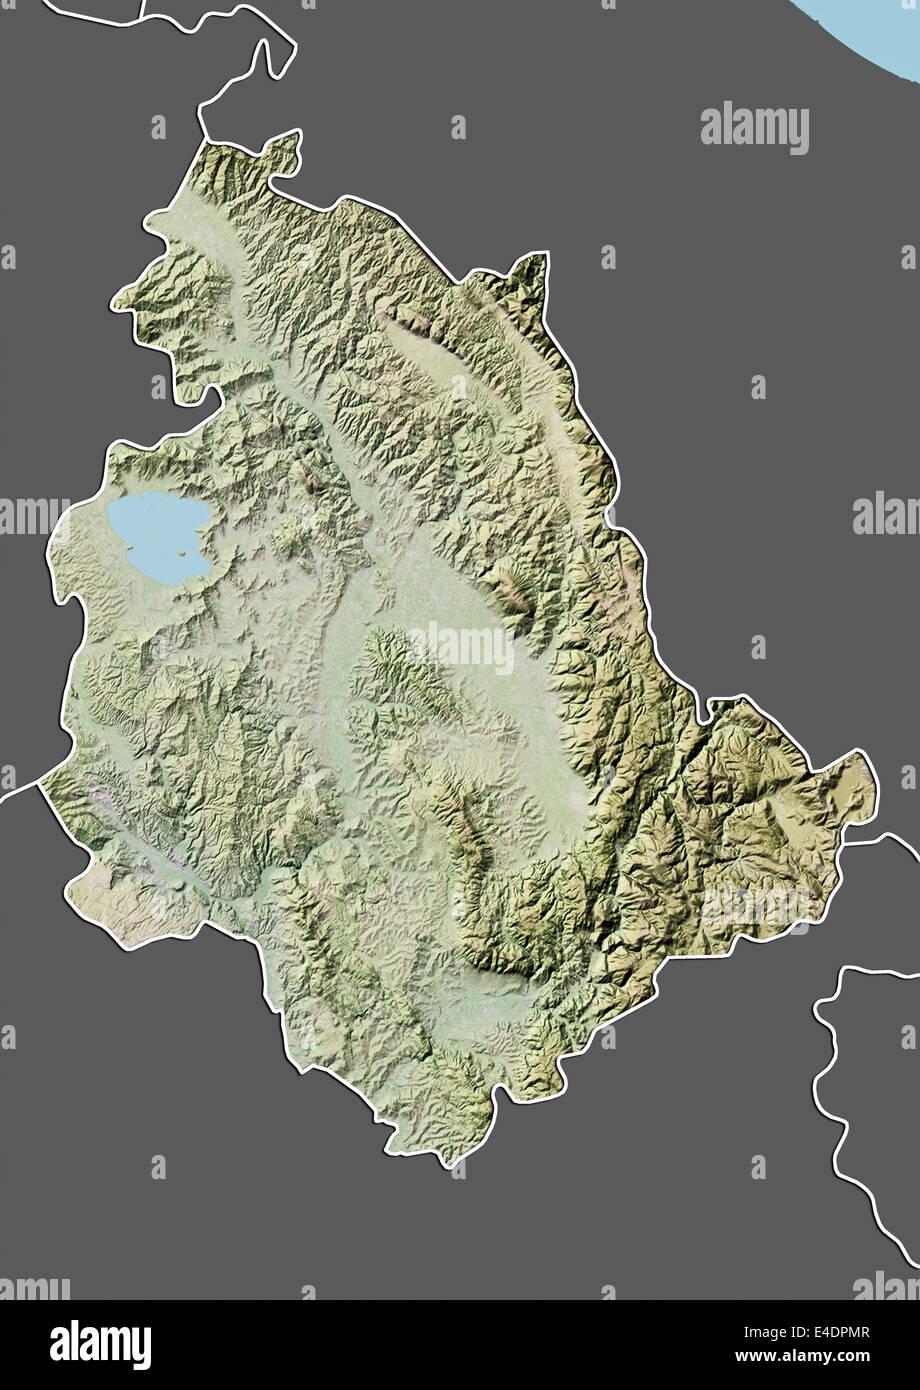 Puglia Cartina Stradale E Visione Satellitare.Map Satellite Geography Italy Immagini E Fotos Stock Alamy